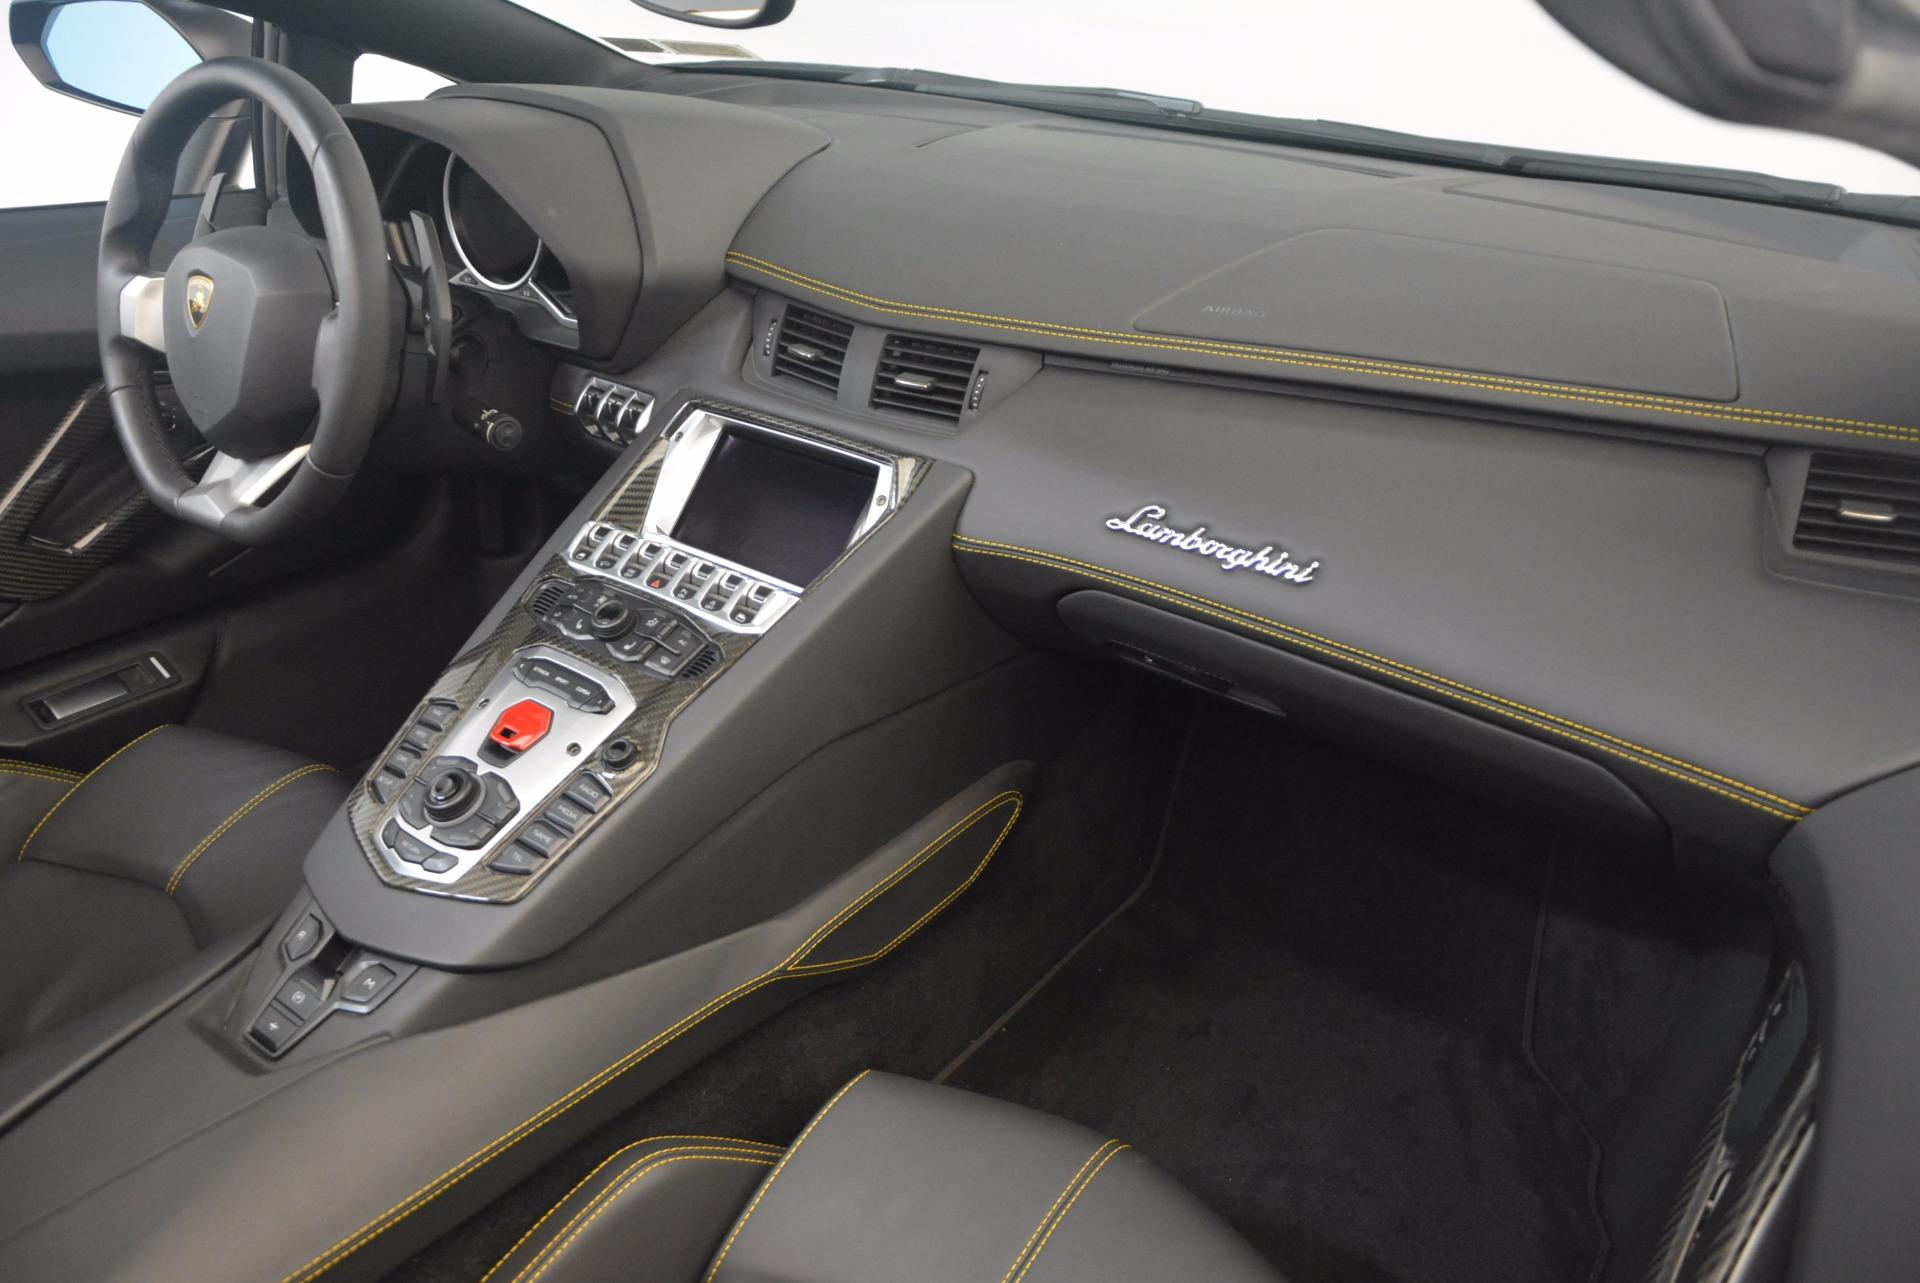 Used 2015 Lamborghini Aventador LP 700-4 For Sale In Greenwich, CT 1217_p29